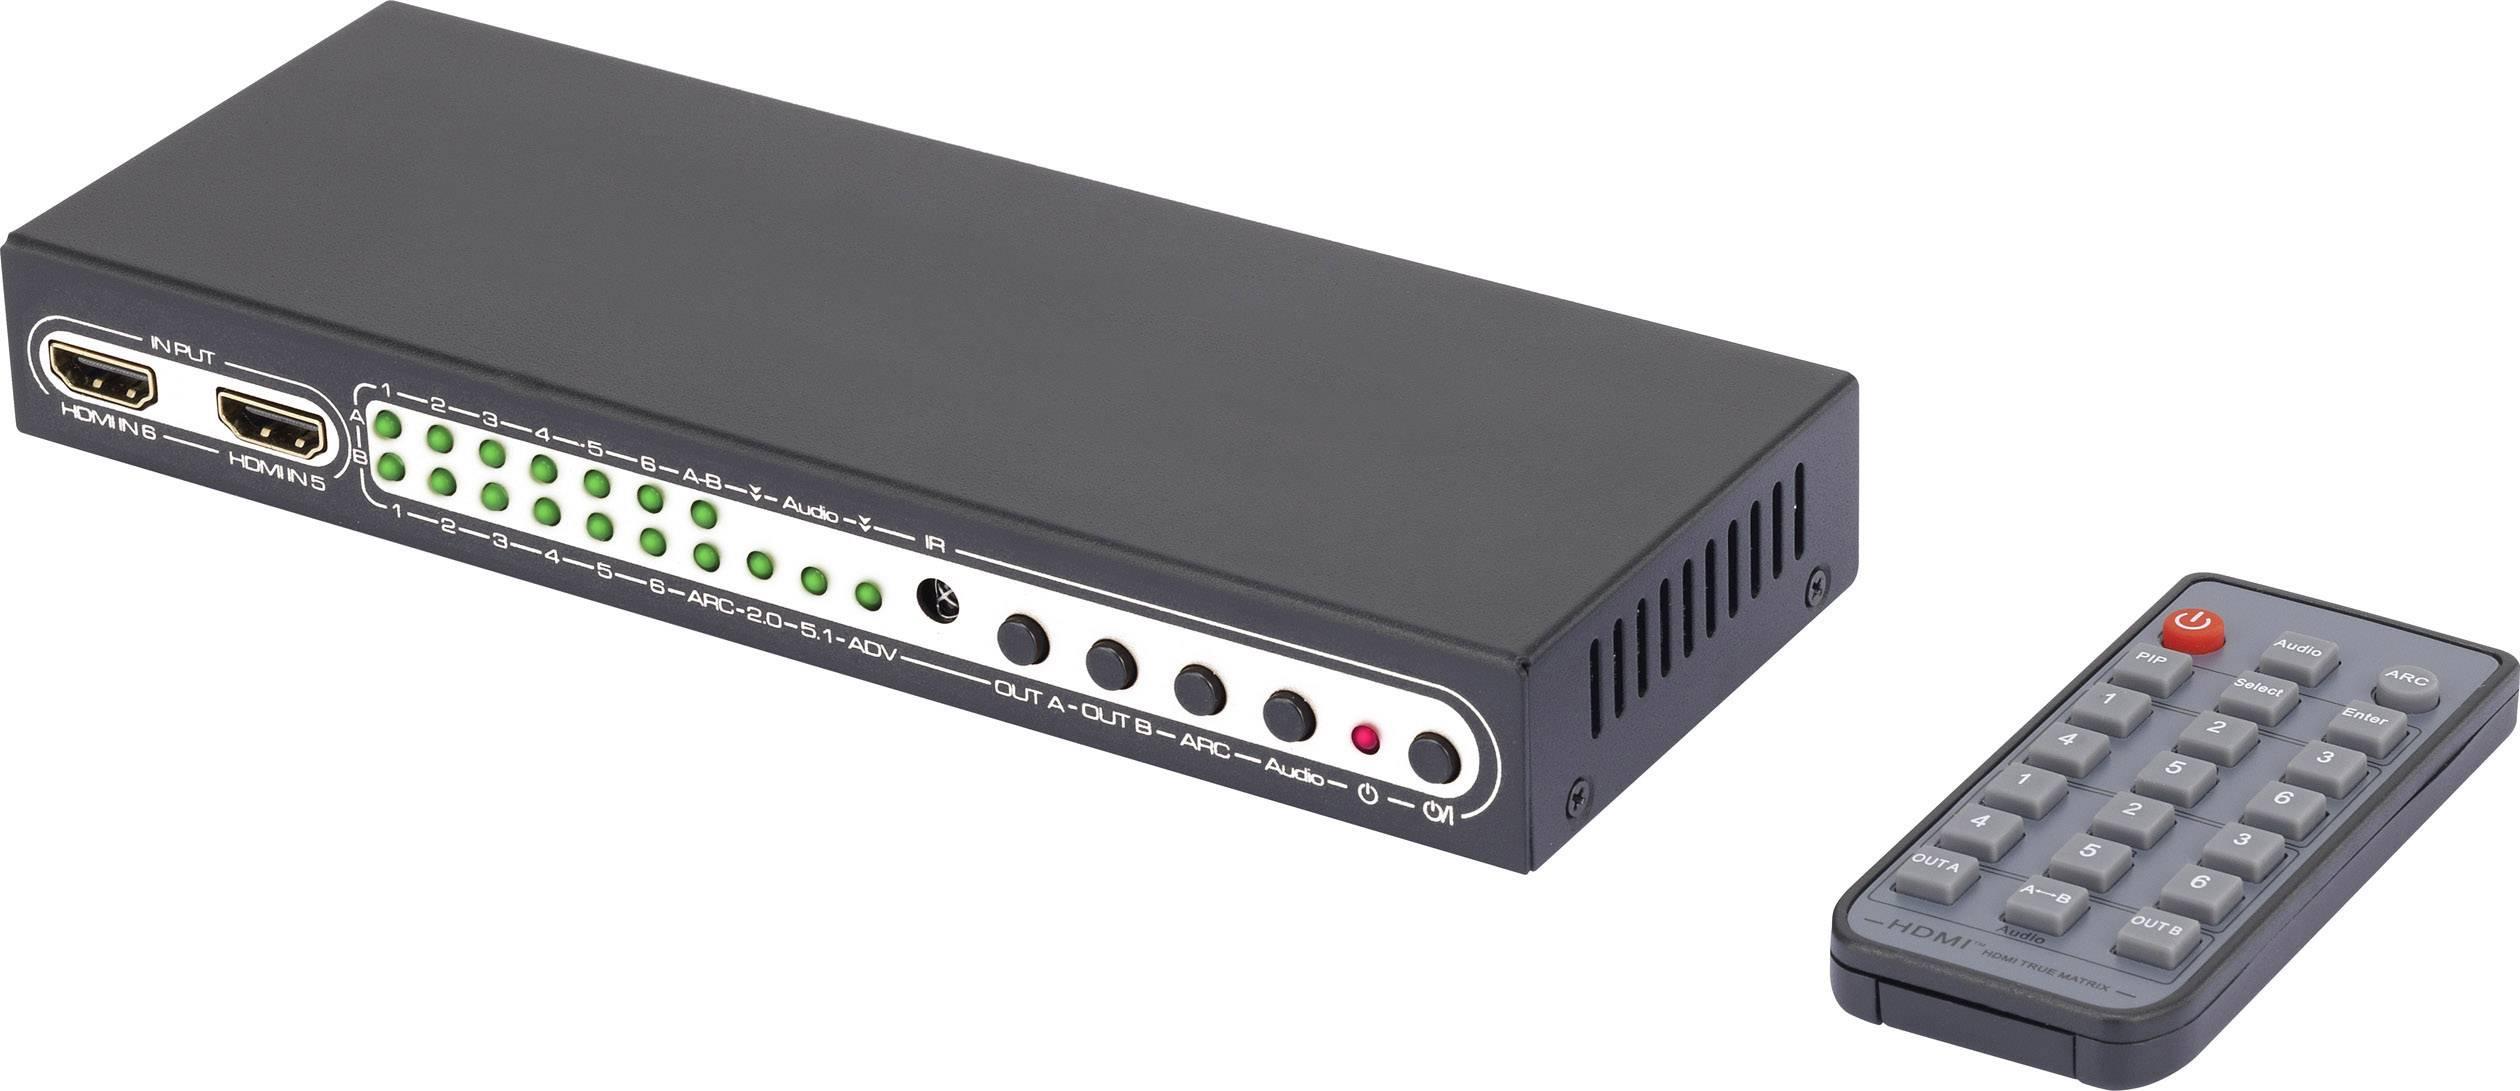 Přepínač HDMI Matrix SpeaKa Professional, 6 portů , s dálkovým ovládáním, N/A